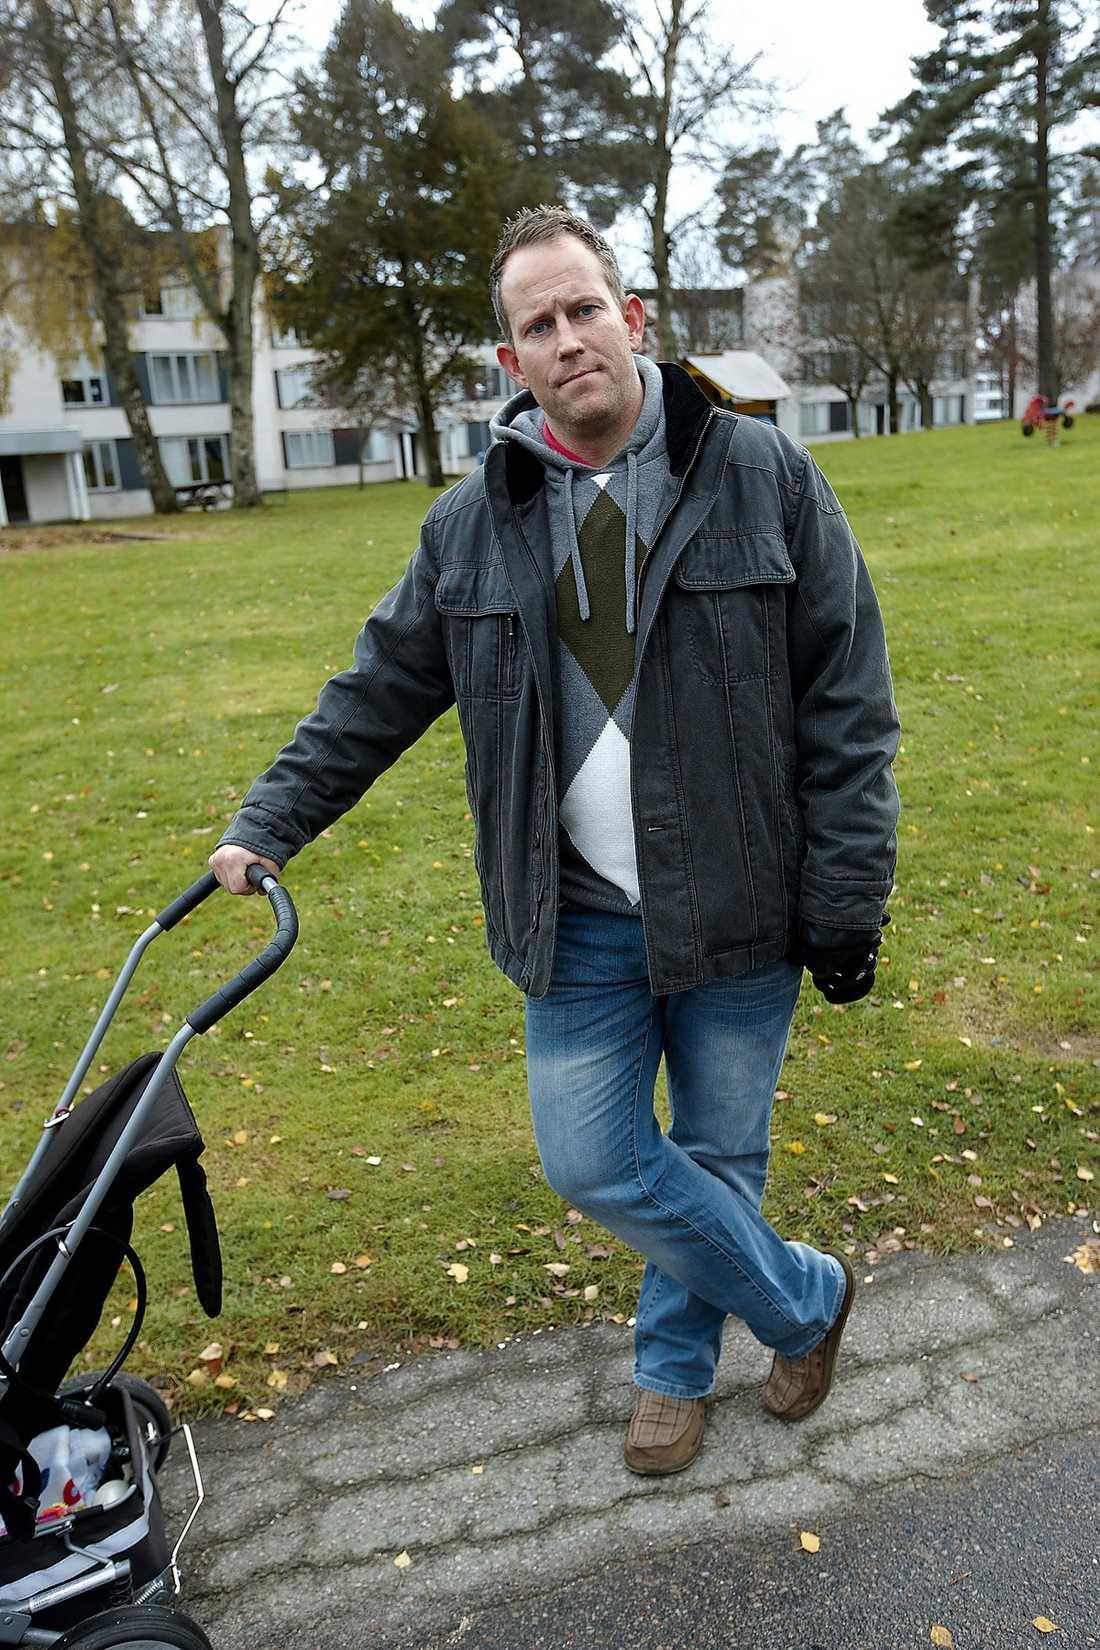 """Mattias Ekdahl har själv en 4-årig son. """"Jag släppte aldrig ut mina barn för att leka här tidigare heller"""", säger han."""